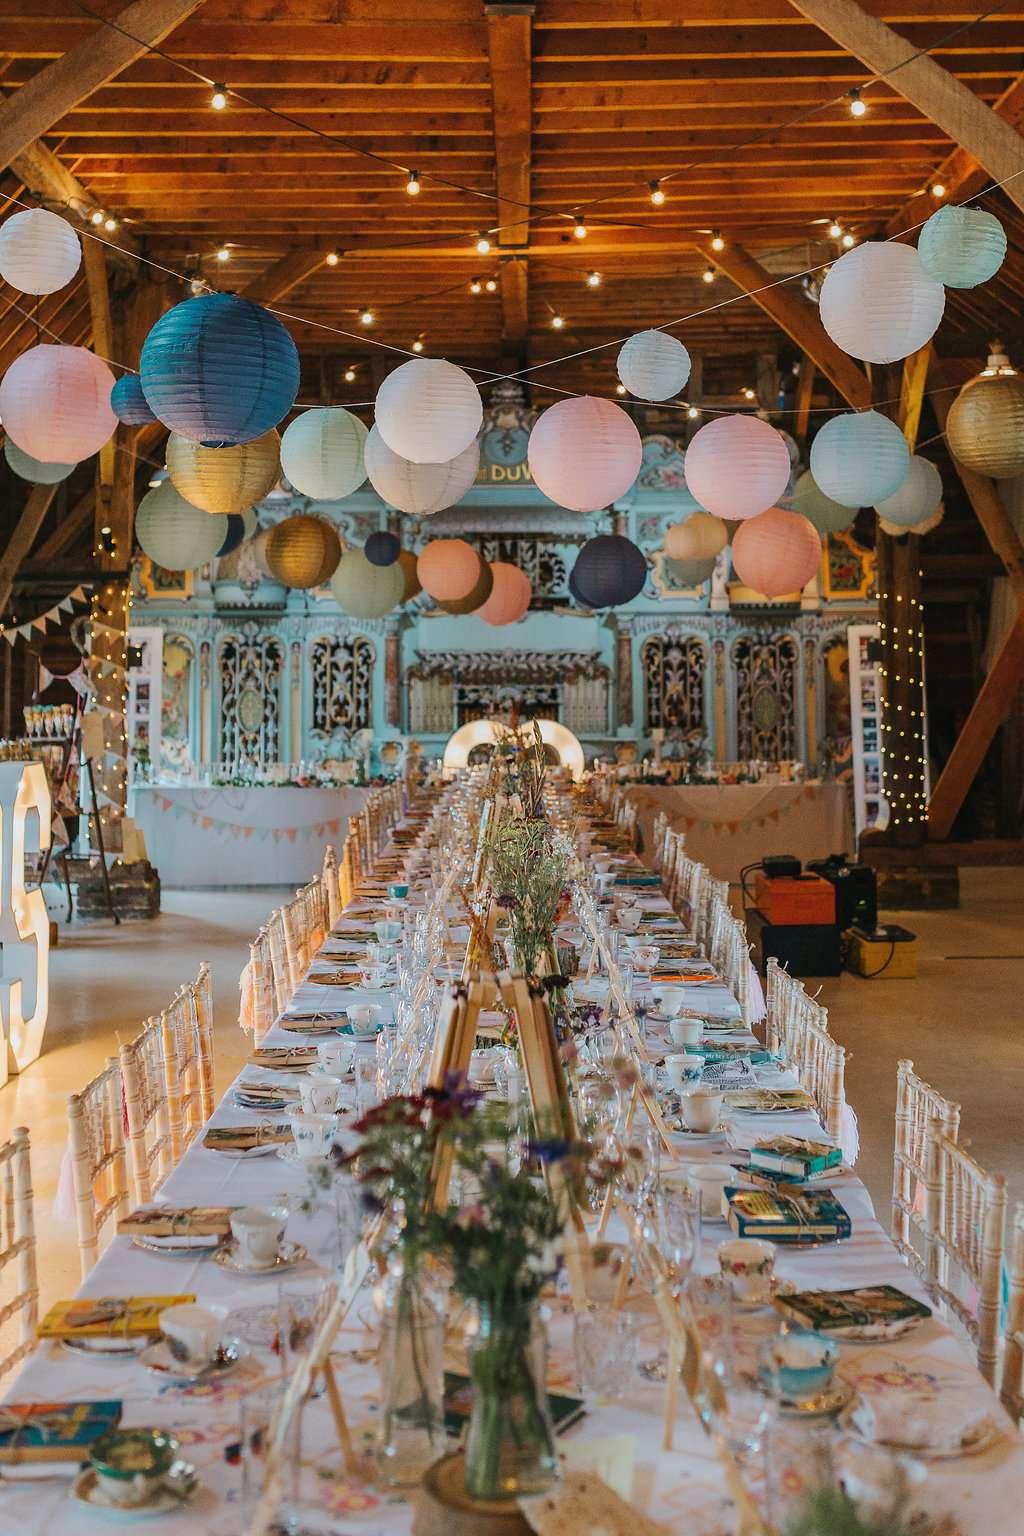 Enchanted Magical Snowy Wedding   Snowy wedding, Whimsical